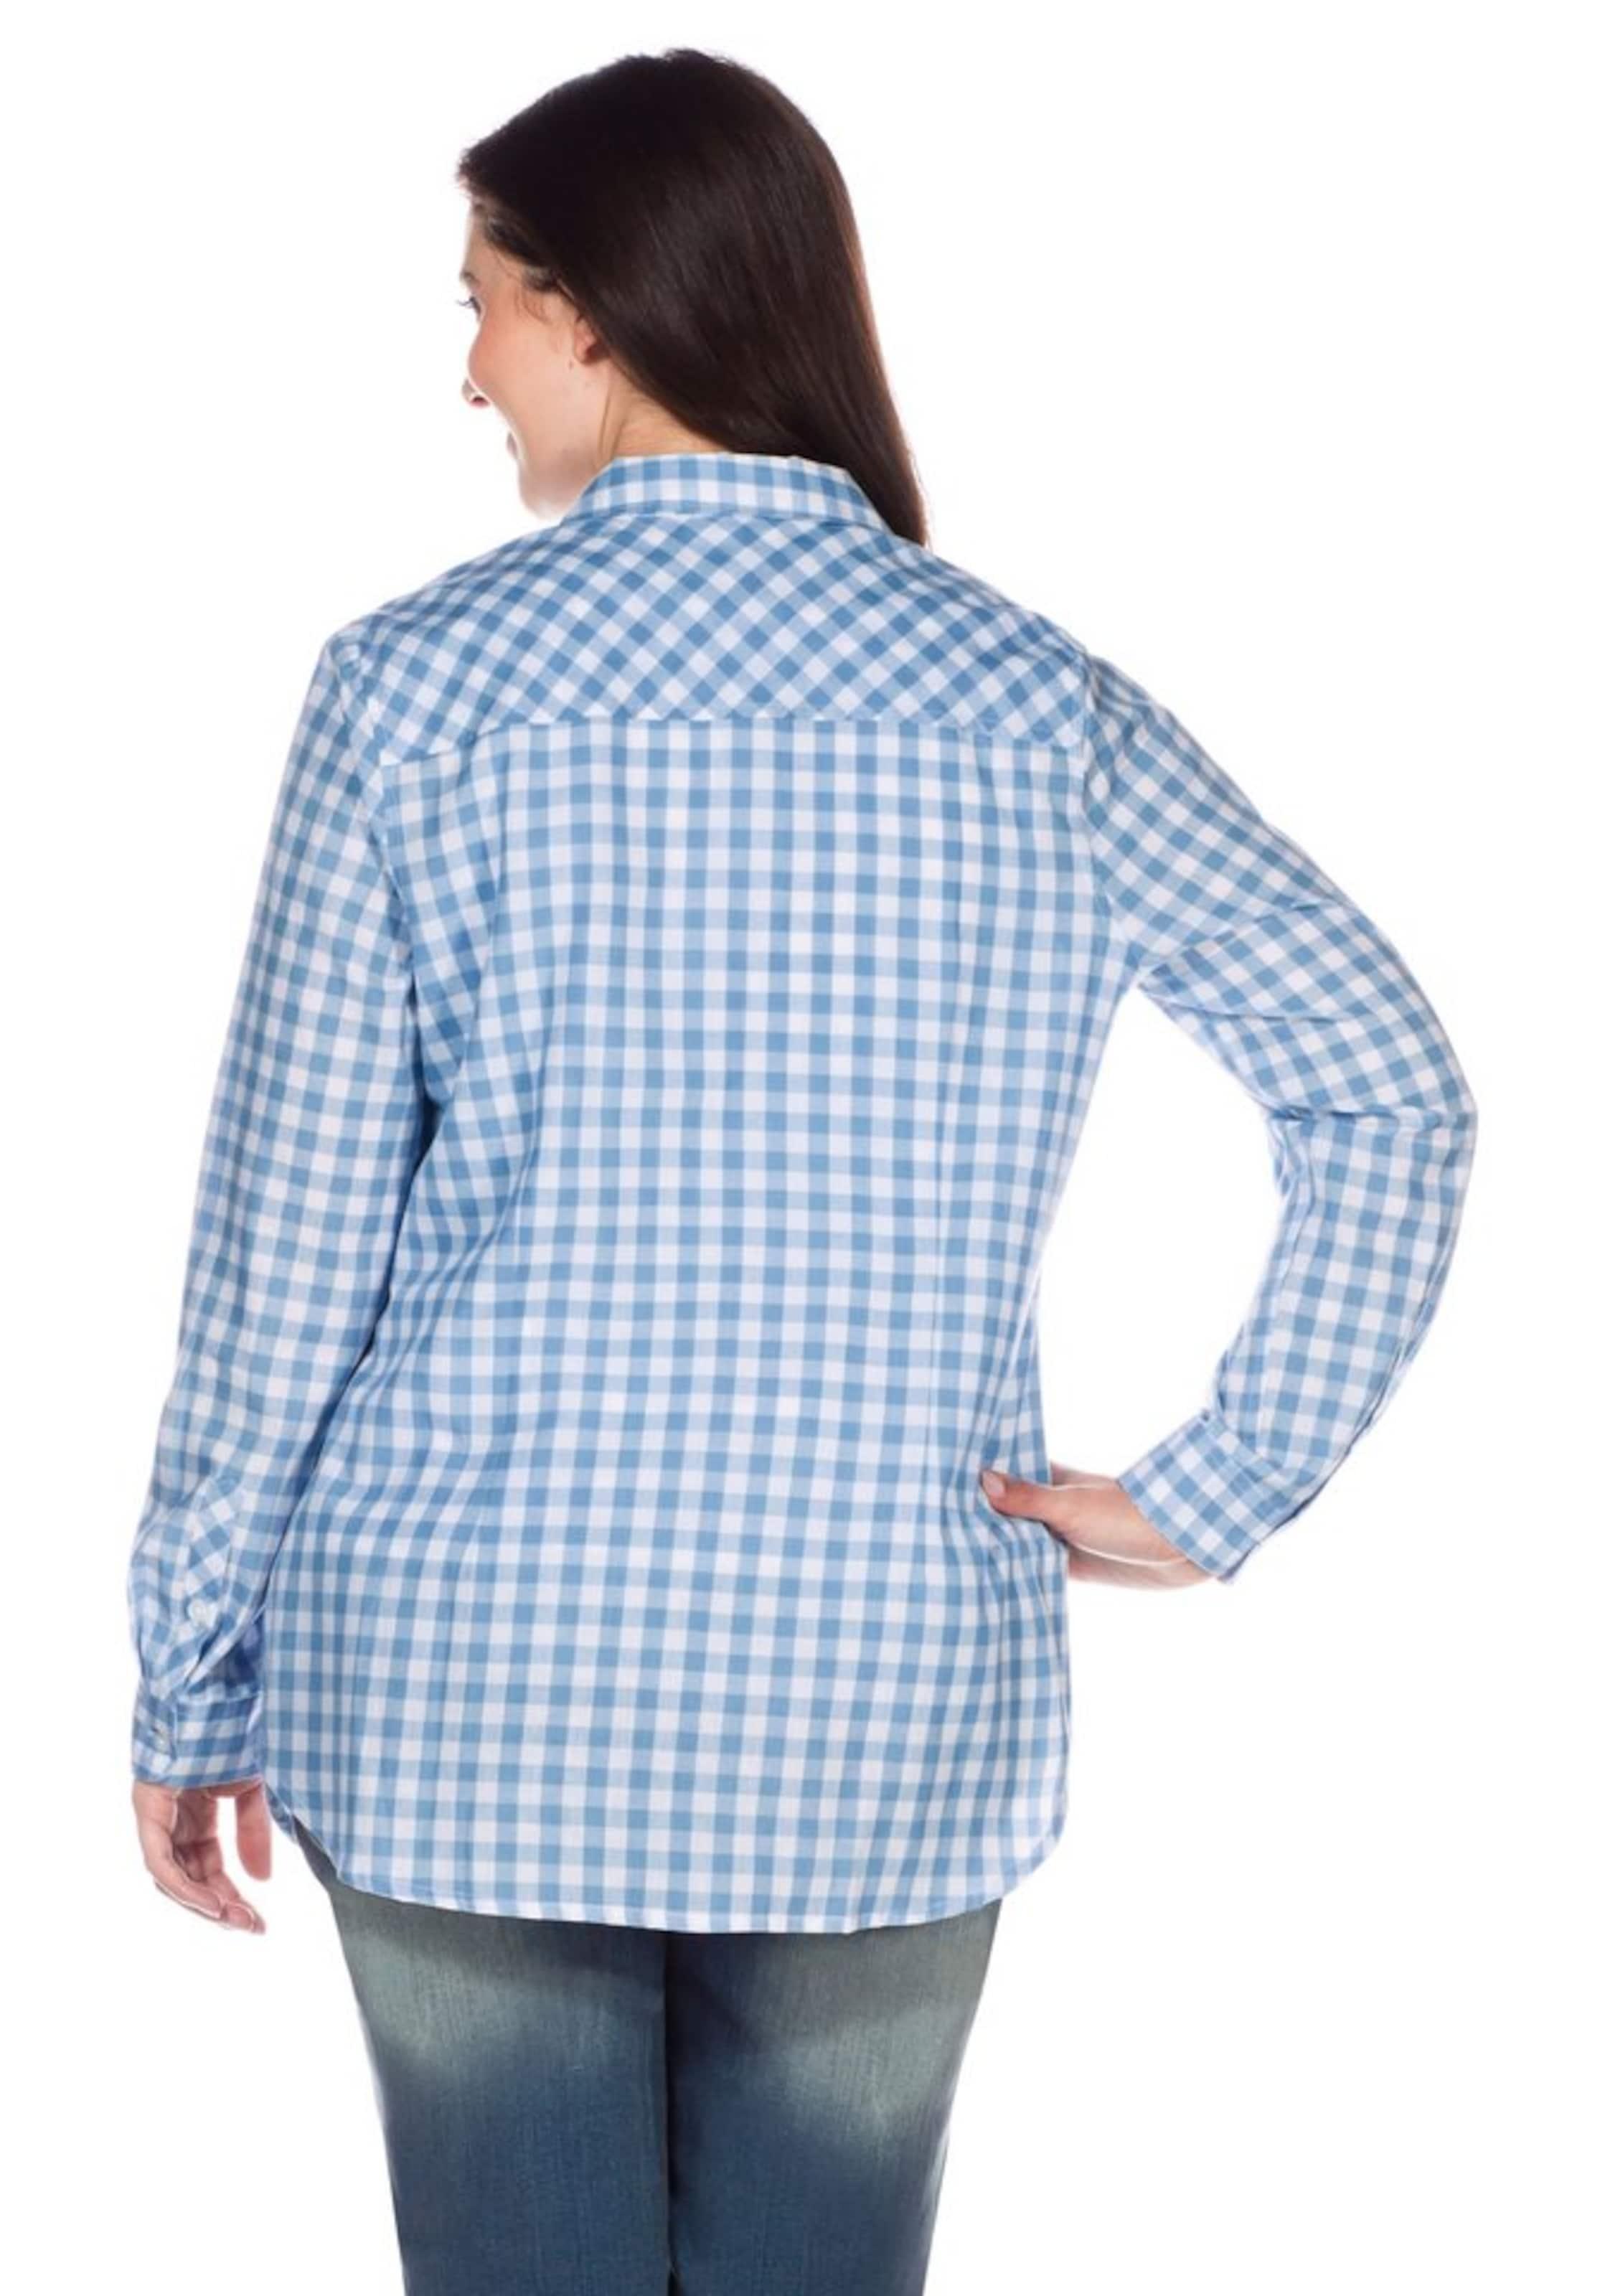 sheego casual Hemdbluse Outlet Günstigen Preisen Viele Arten Lieferung Frei Haus Mit Kreditkarte Zu Verkaufen DkS9b